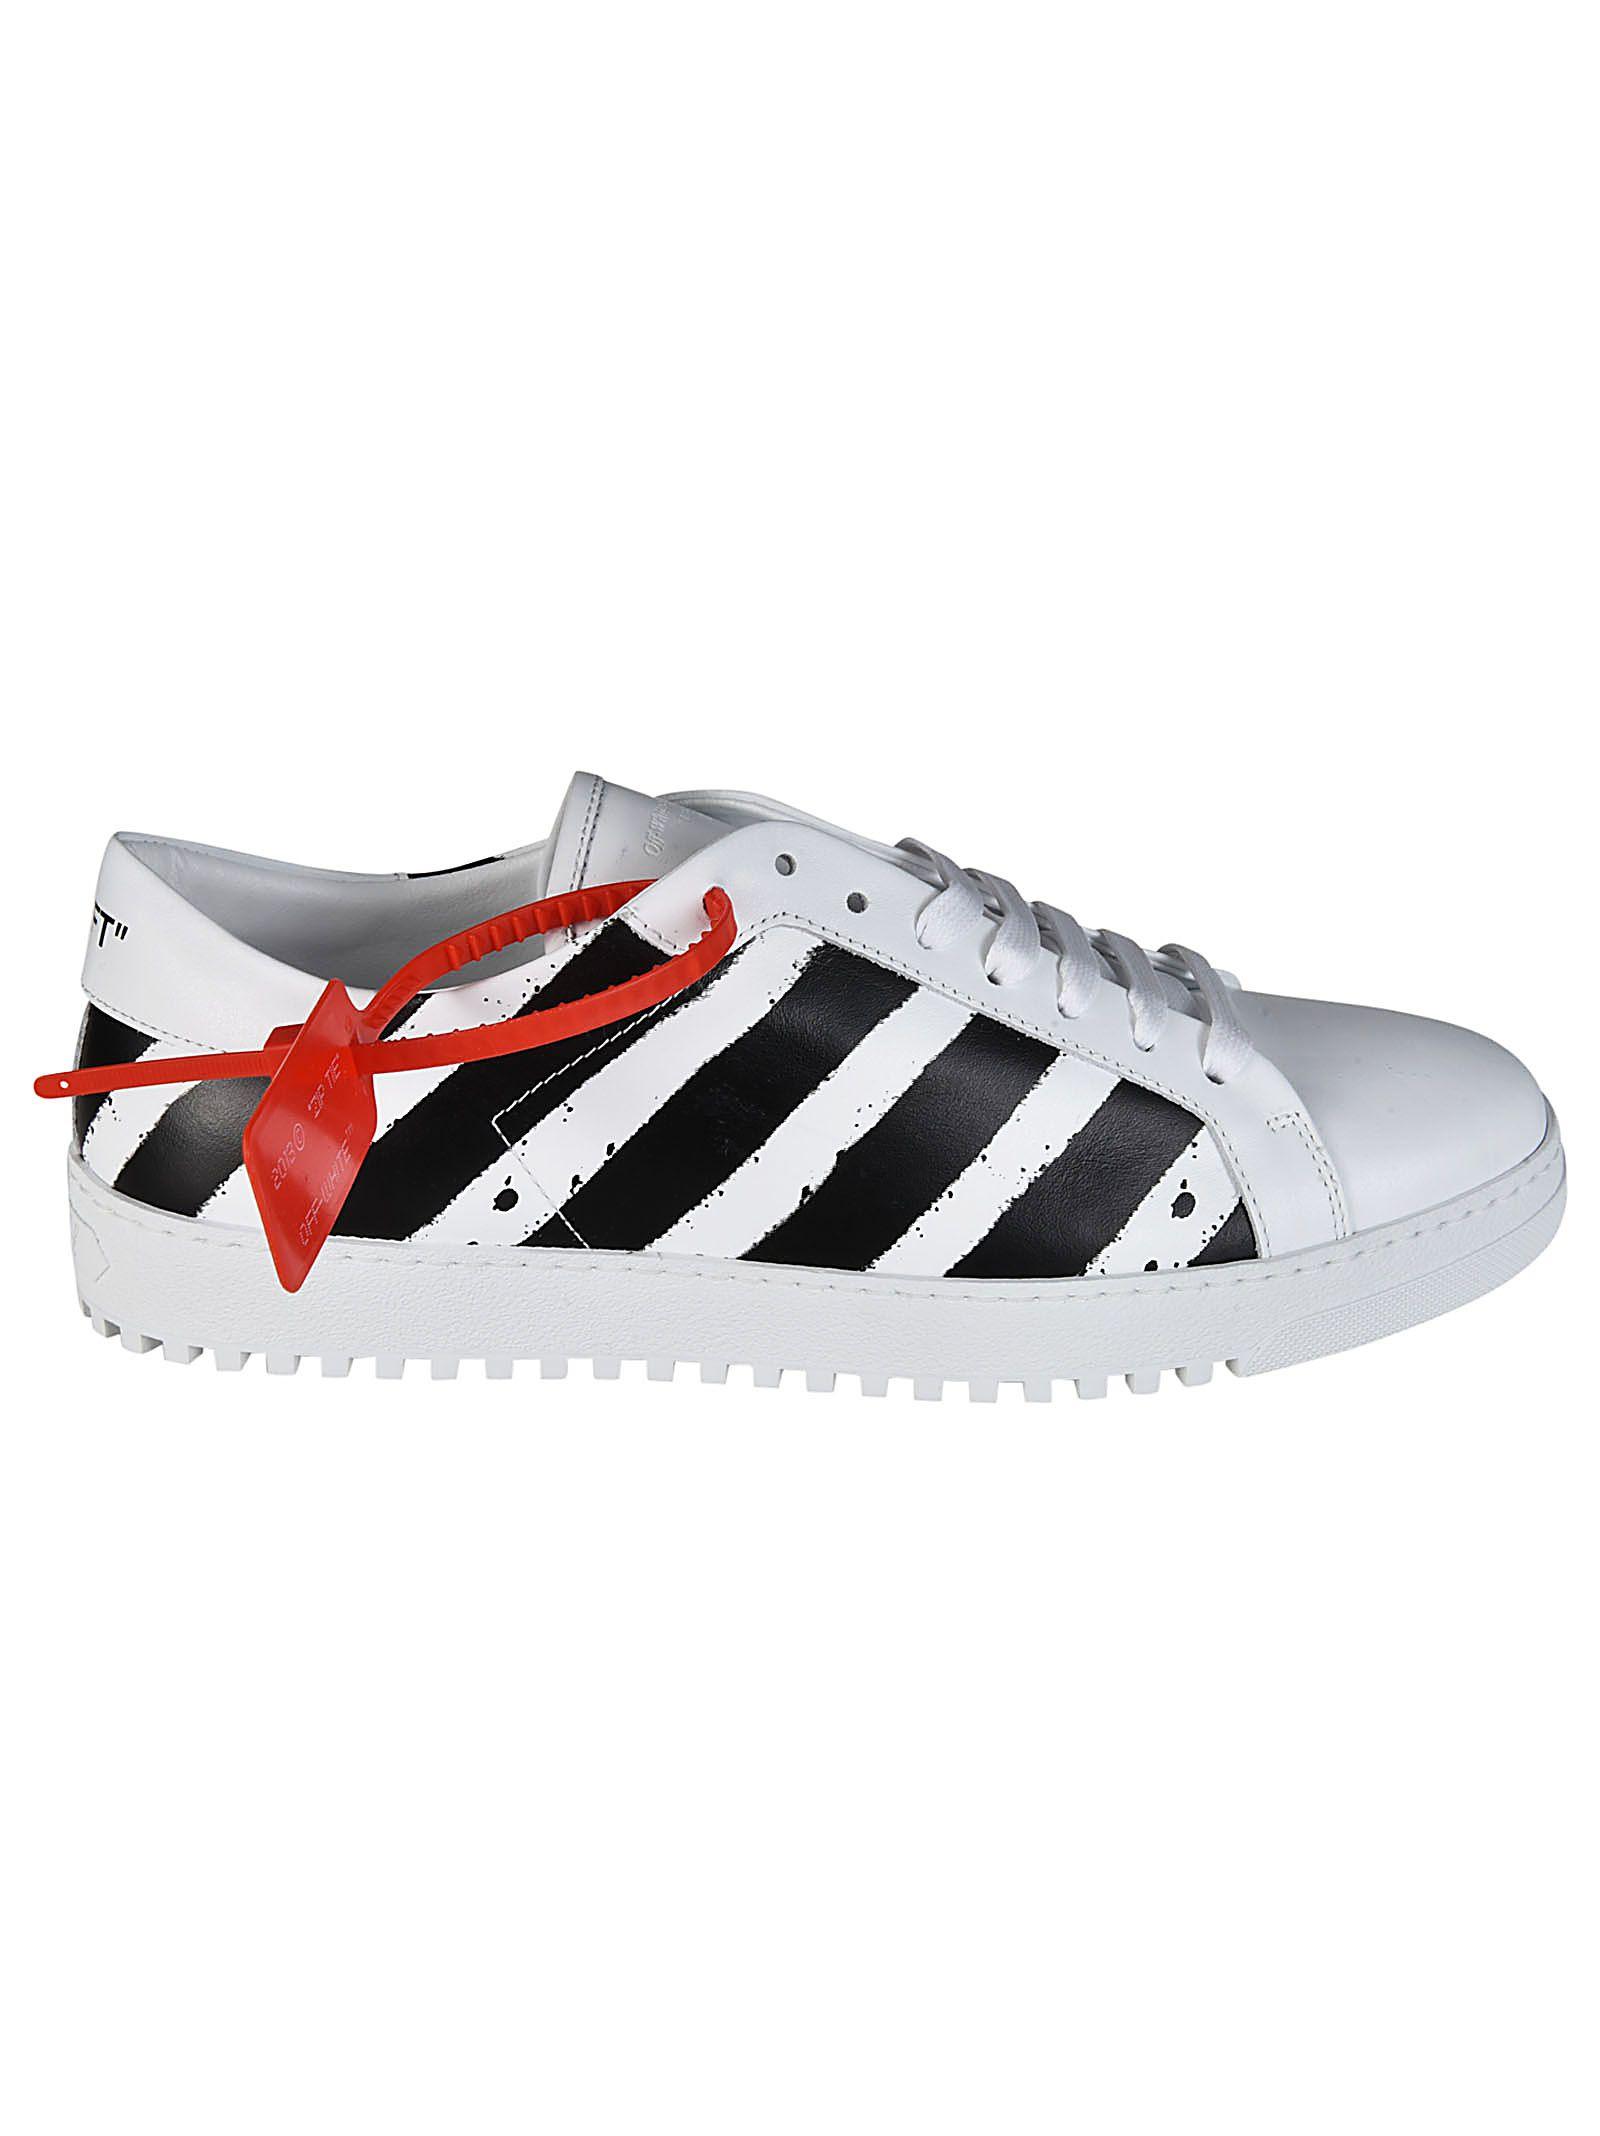 Off-white Diagonal Spray Sneakers